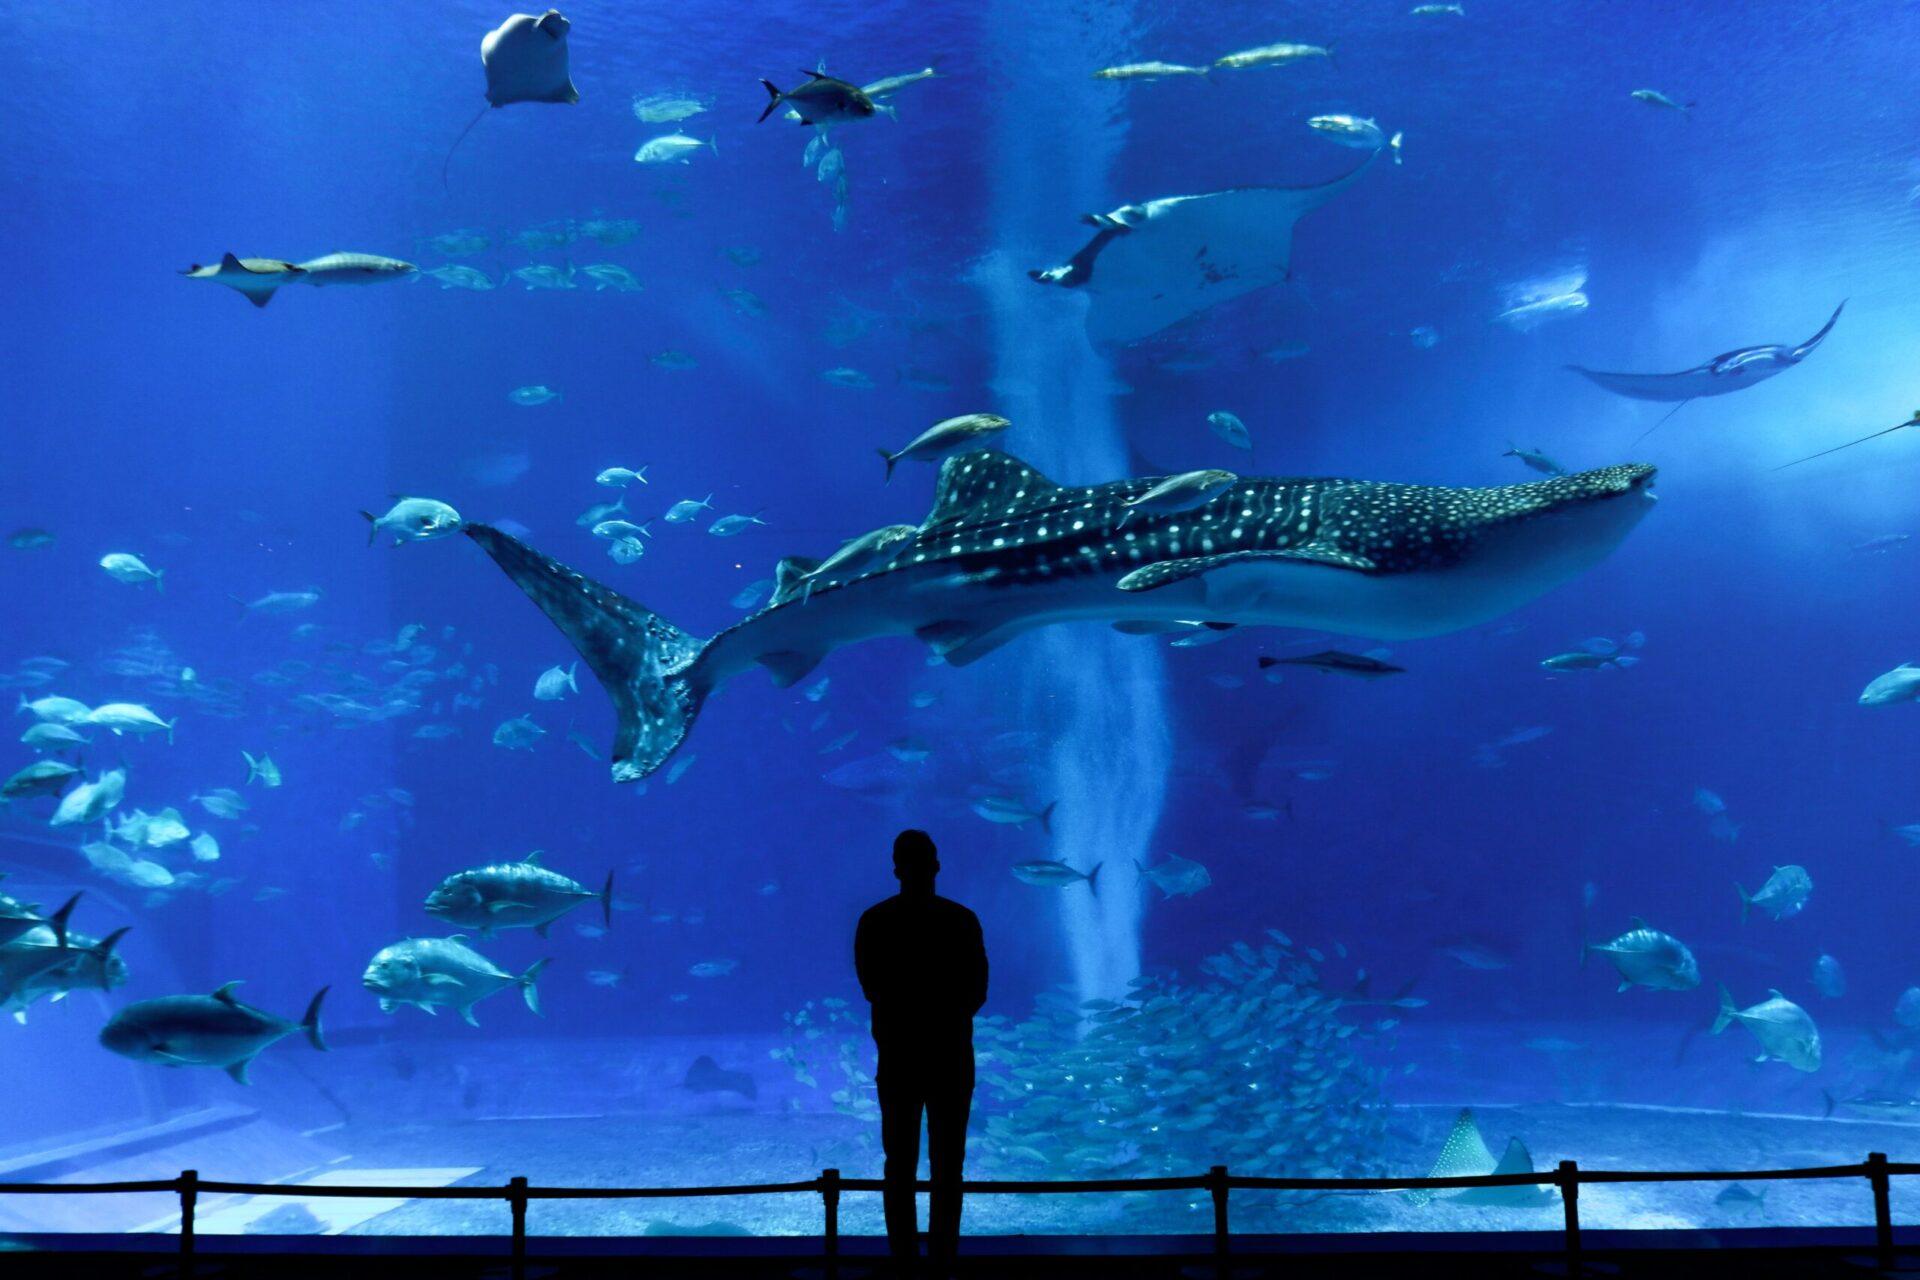 沖縄観光がコロナの影響で過去最悪な状況